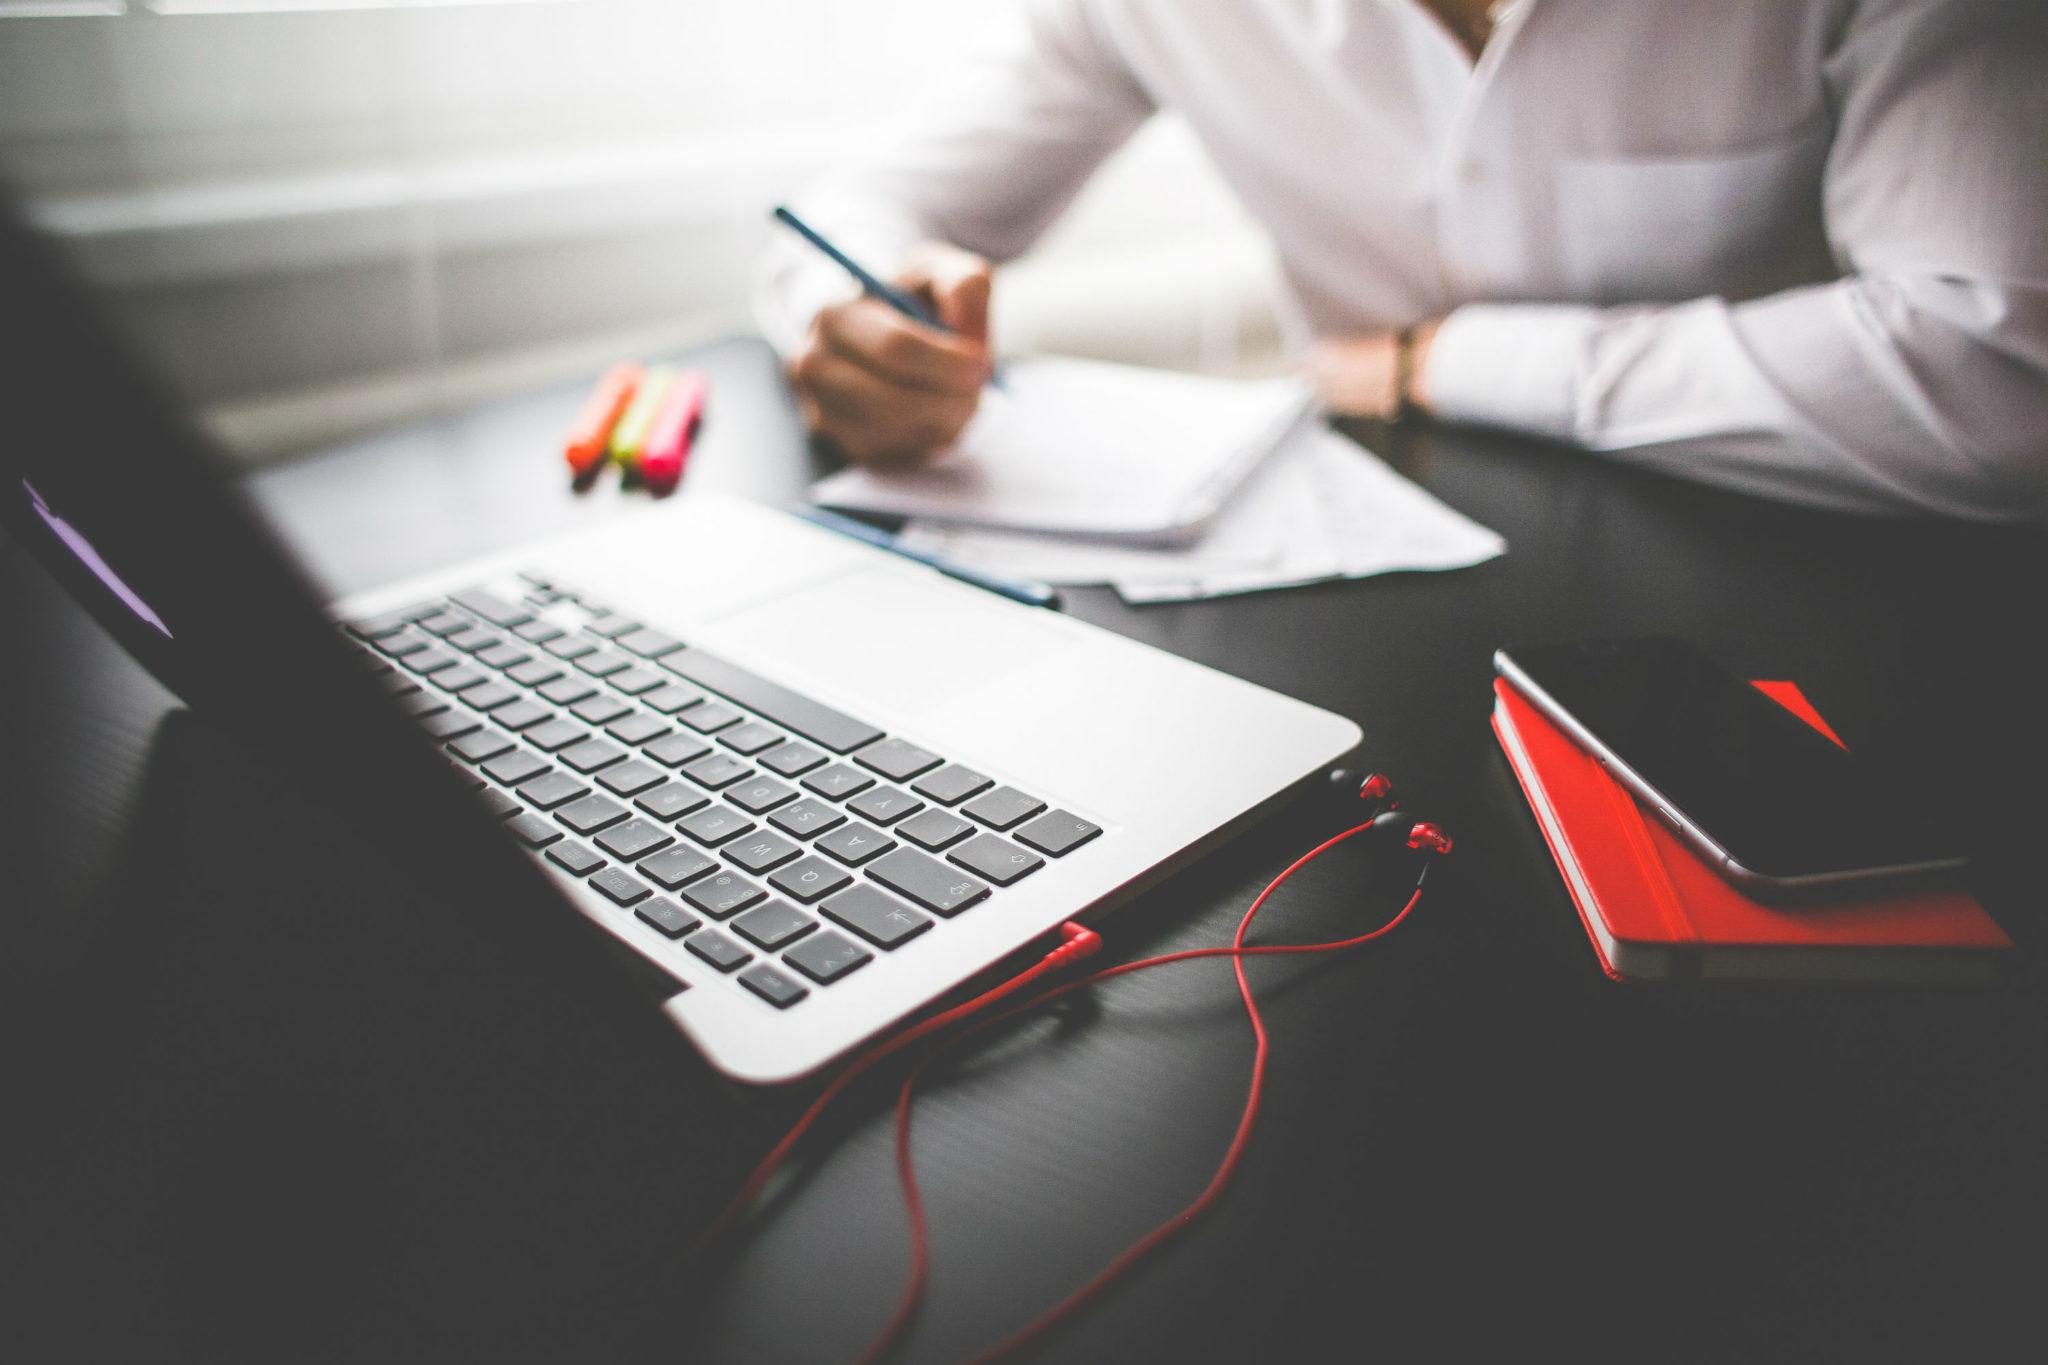 La mejores Herramientas para Marketing digital - Lápiz Gráfico